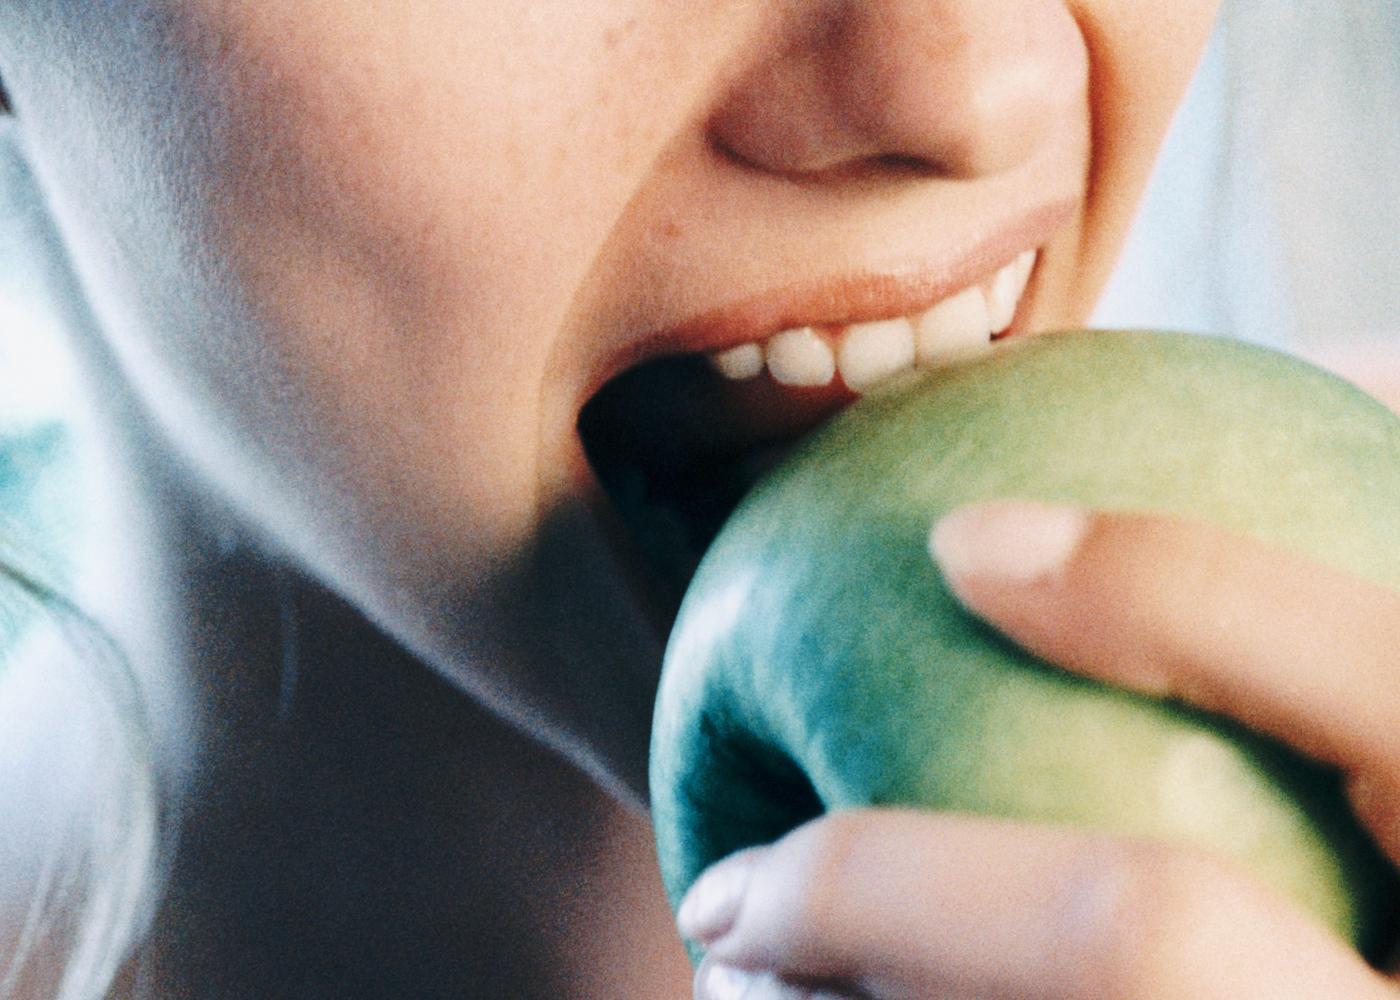 Comer de 3 em 3 horas: mulher a comer maça